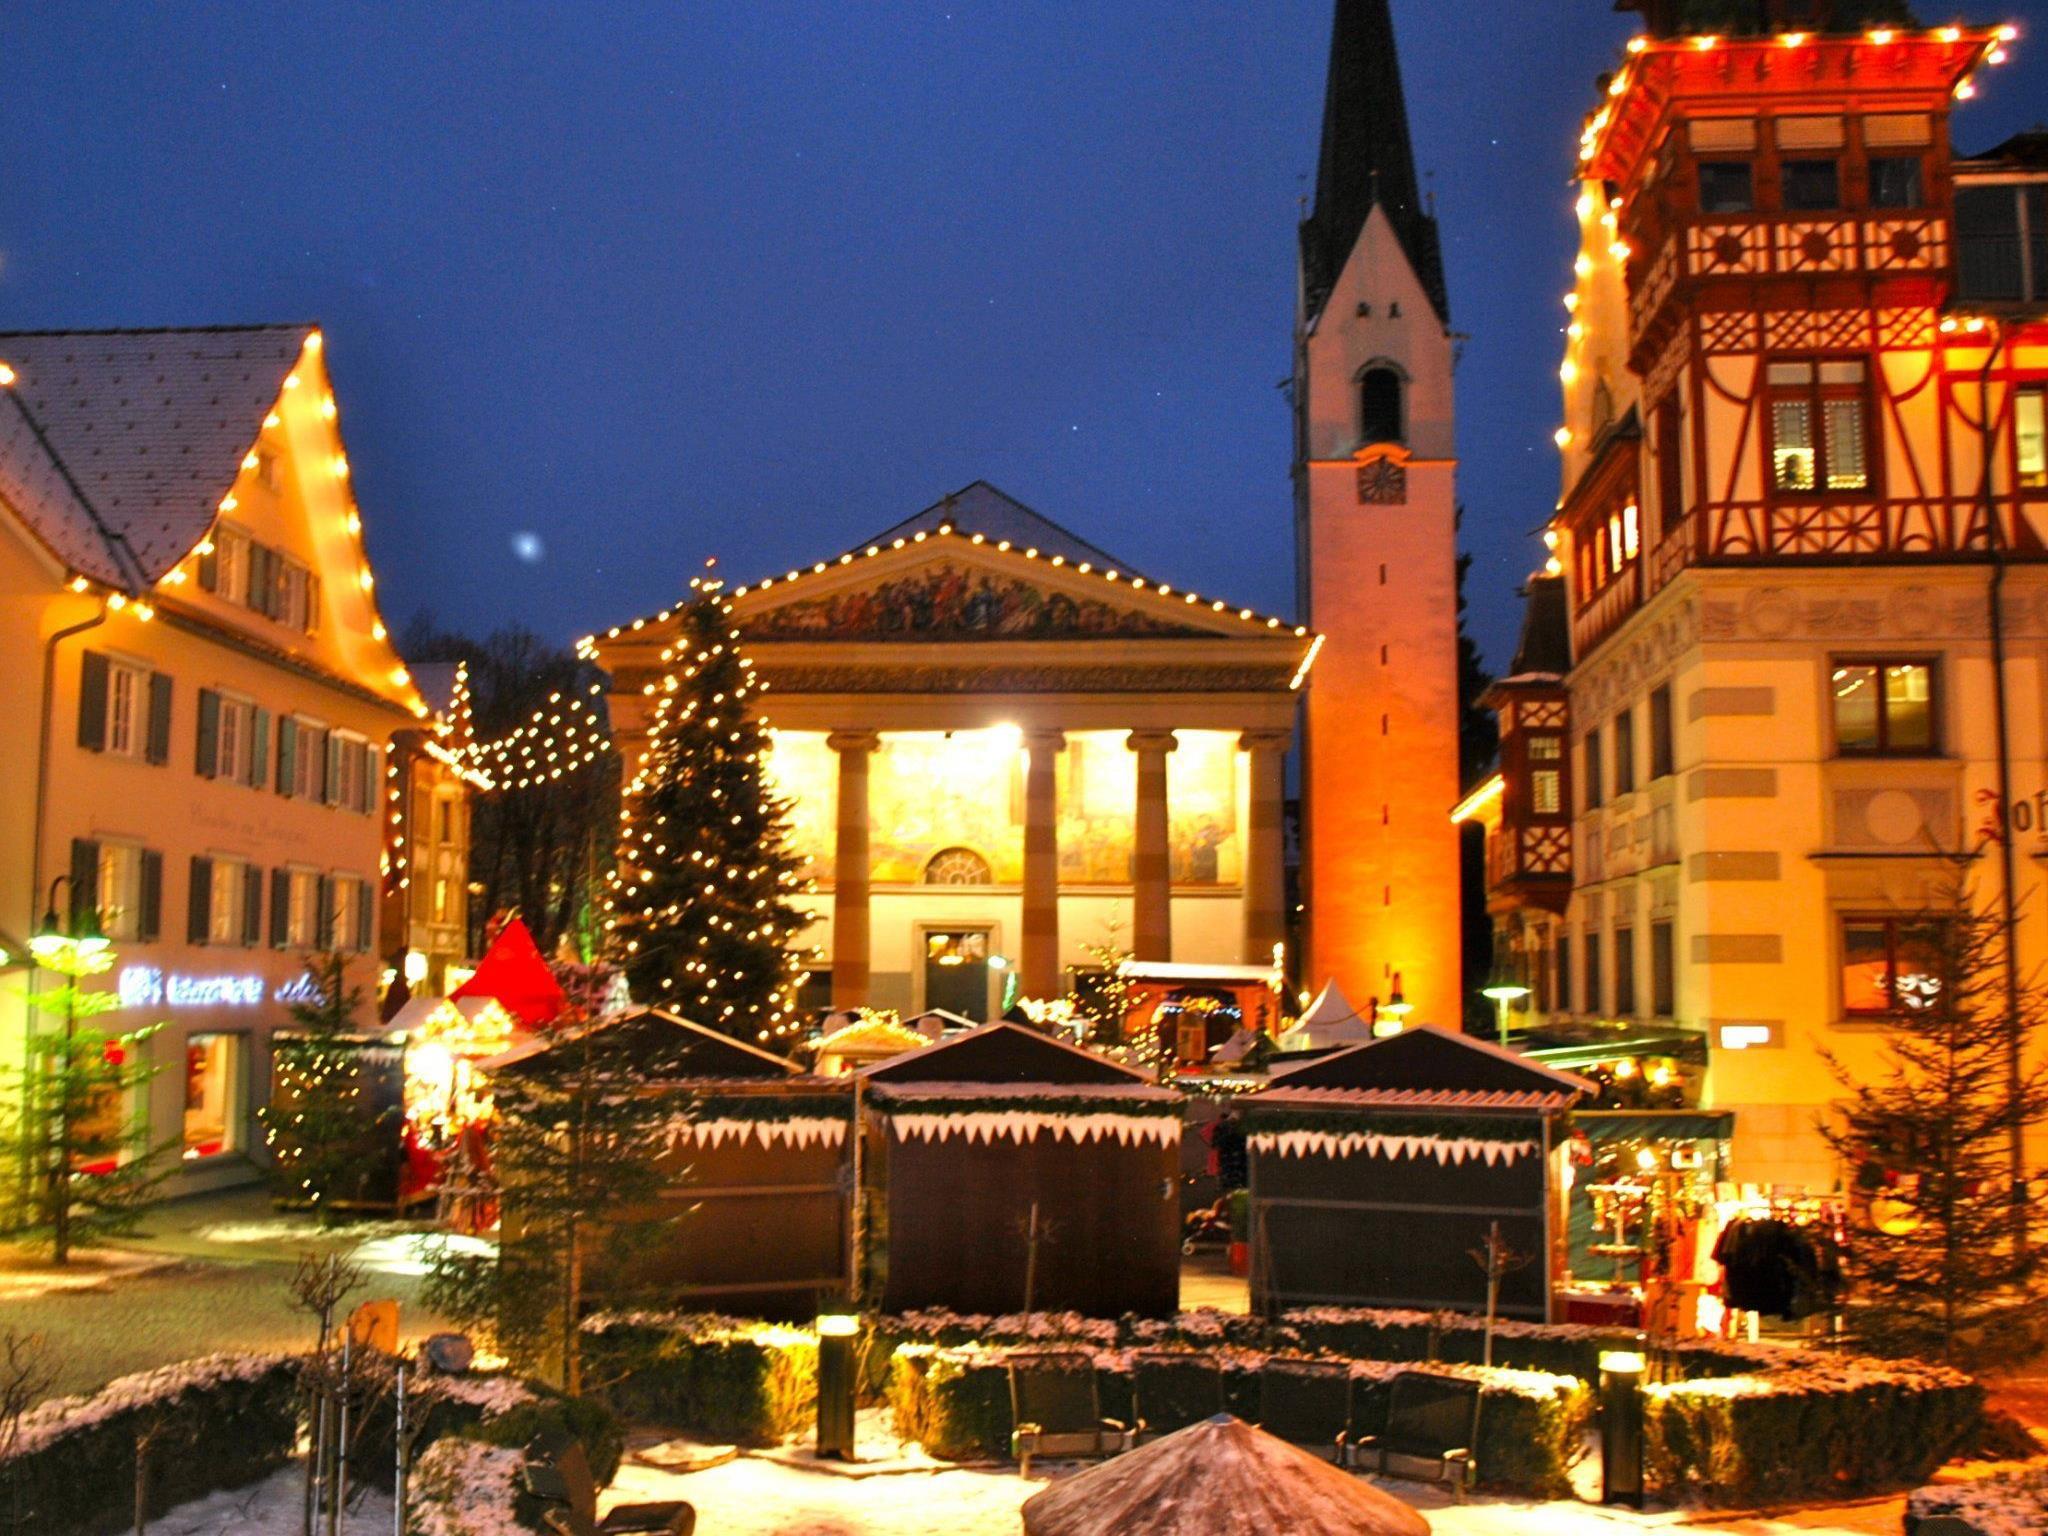 Schnee sei Dank: Endlich herrscht auf dem Dornbirner Christkindlemarkt richtig weihnachtliche Stimmung!